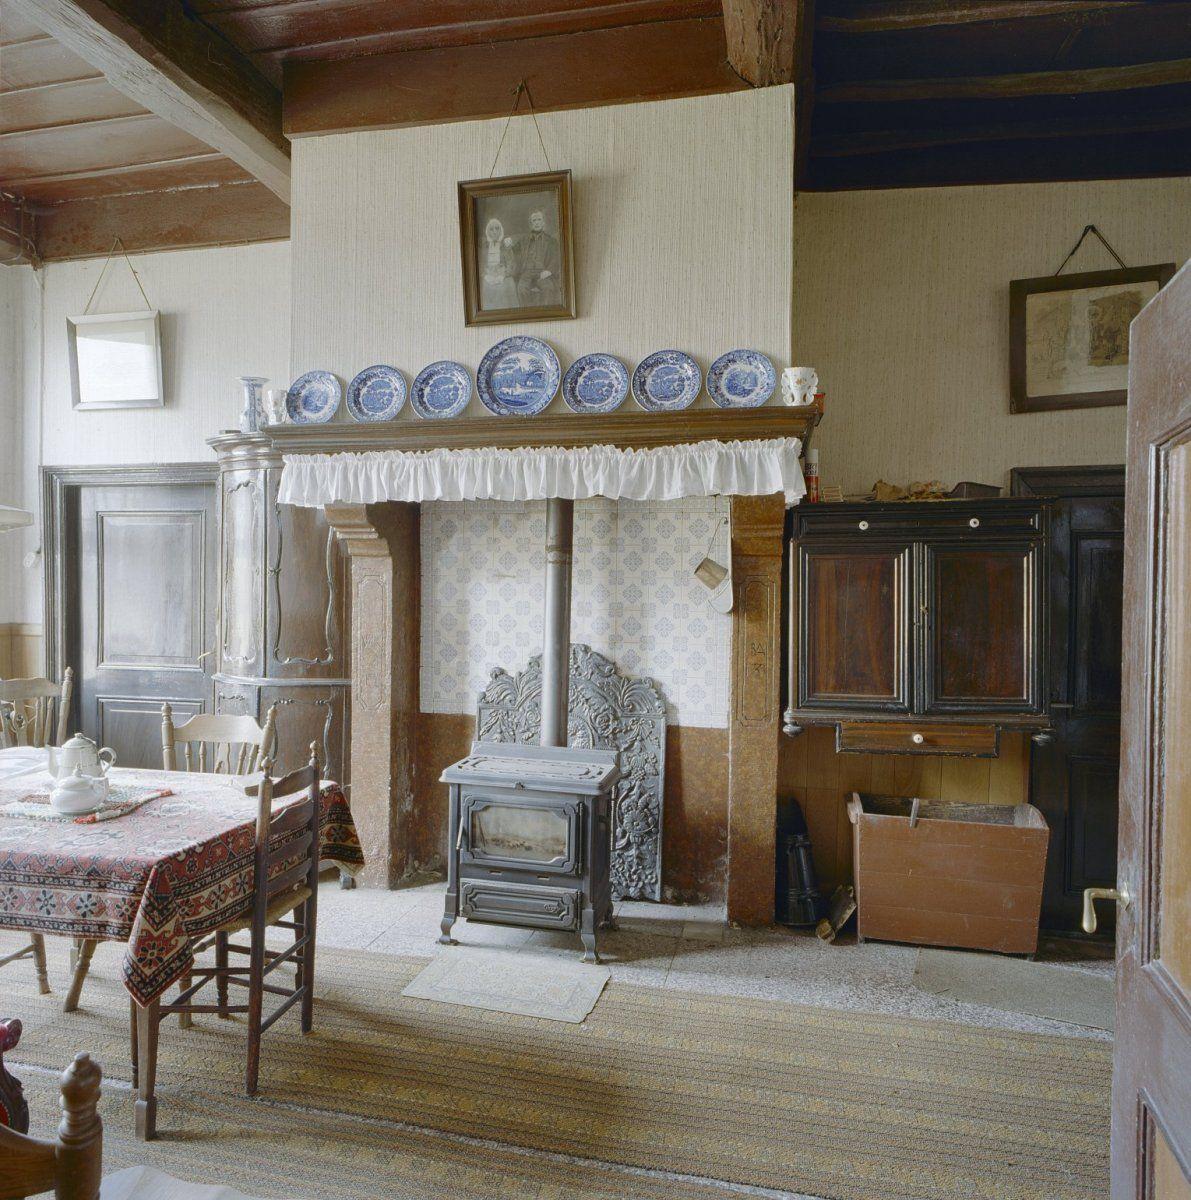 Interieur voorhuis oude keuken winterswijk boerderij for Boerderij interieur